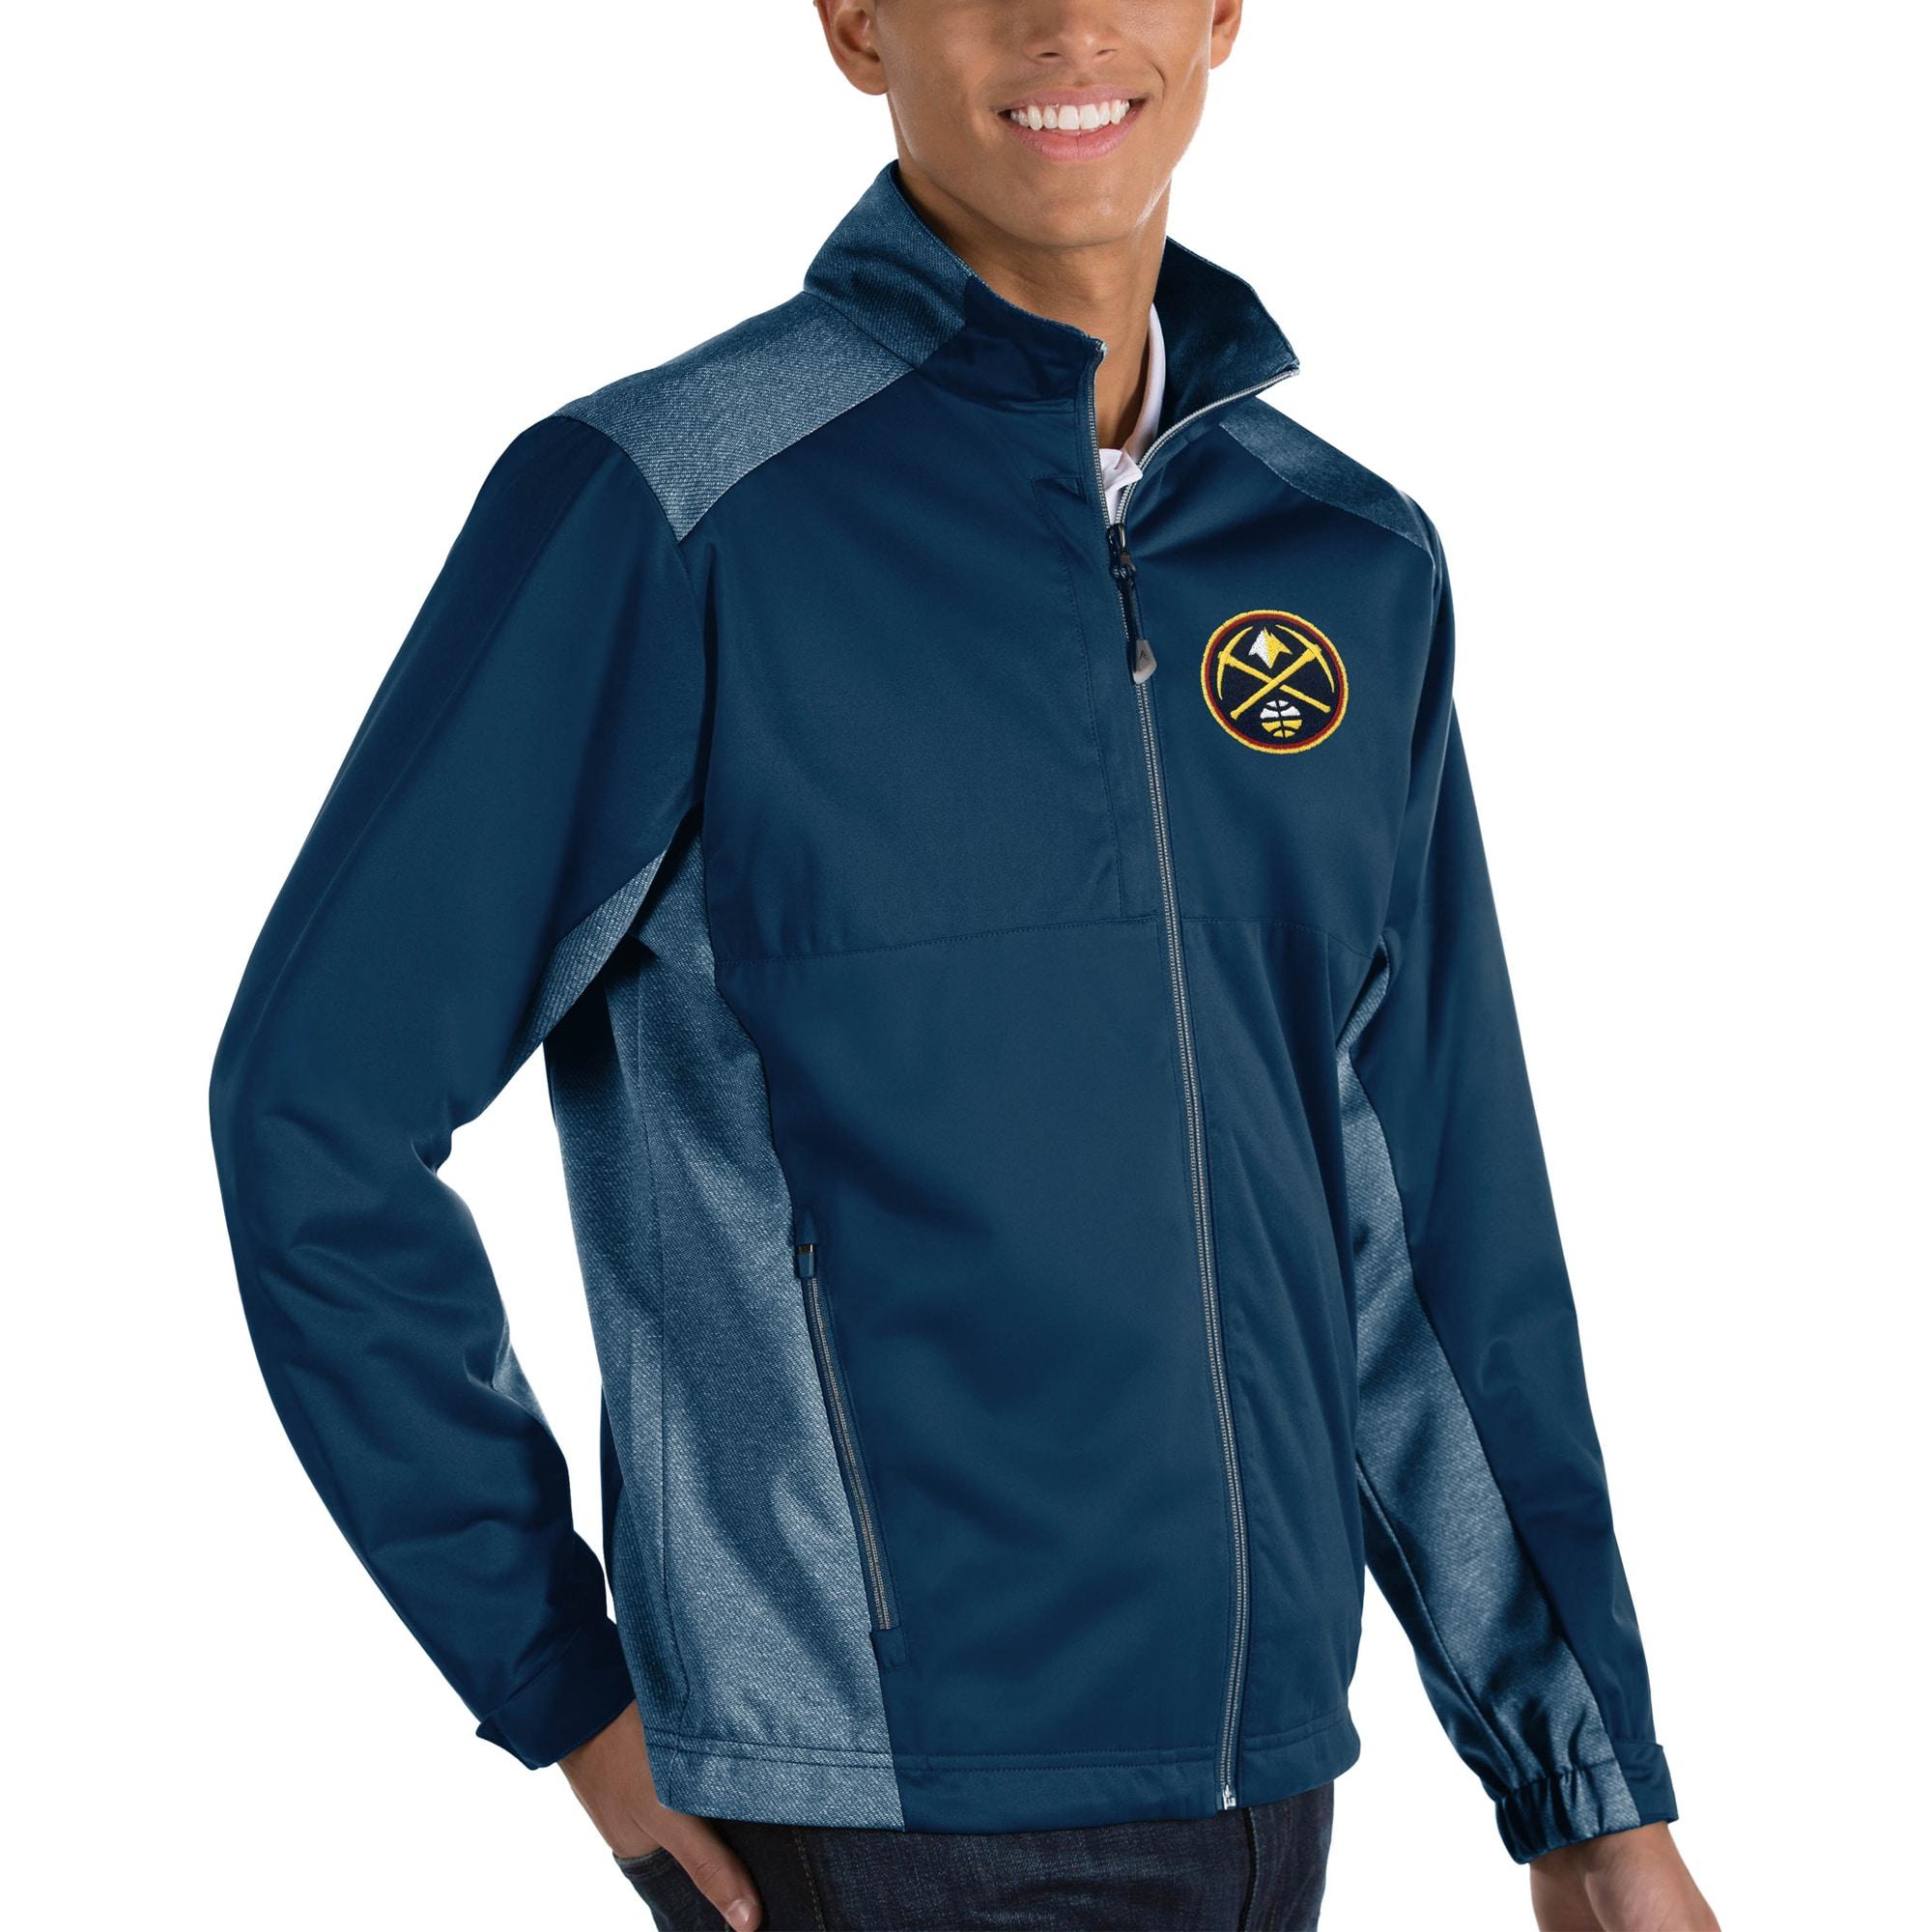 Denver Nuggets Antigua Revolve Big & Tall Full-Zip Jacket - Navy